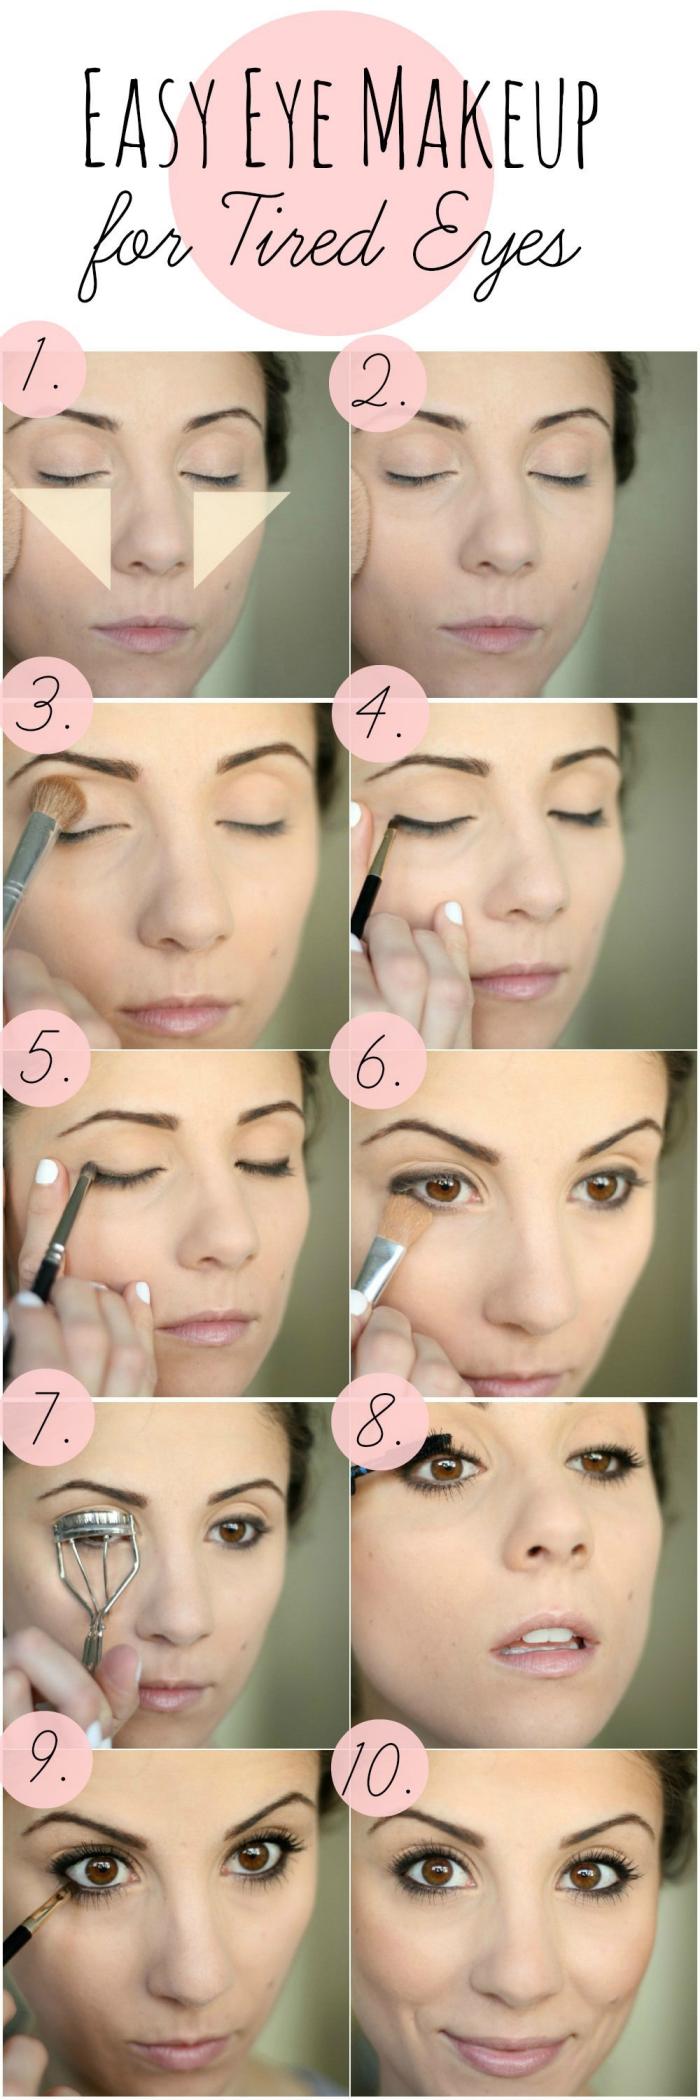 tuto maquillage yeux marrons, comment faire son contouring visage facile, appliquer fards à paupières et crayon noir